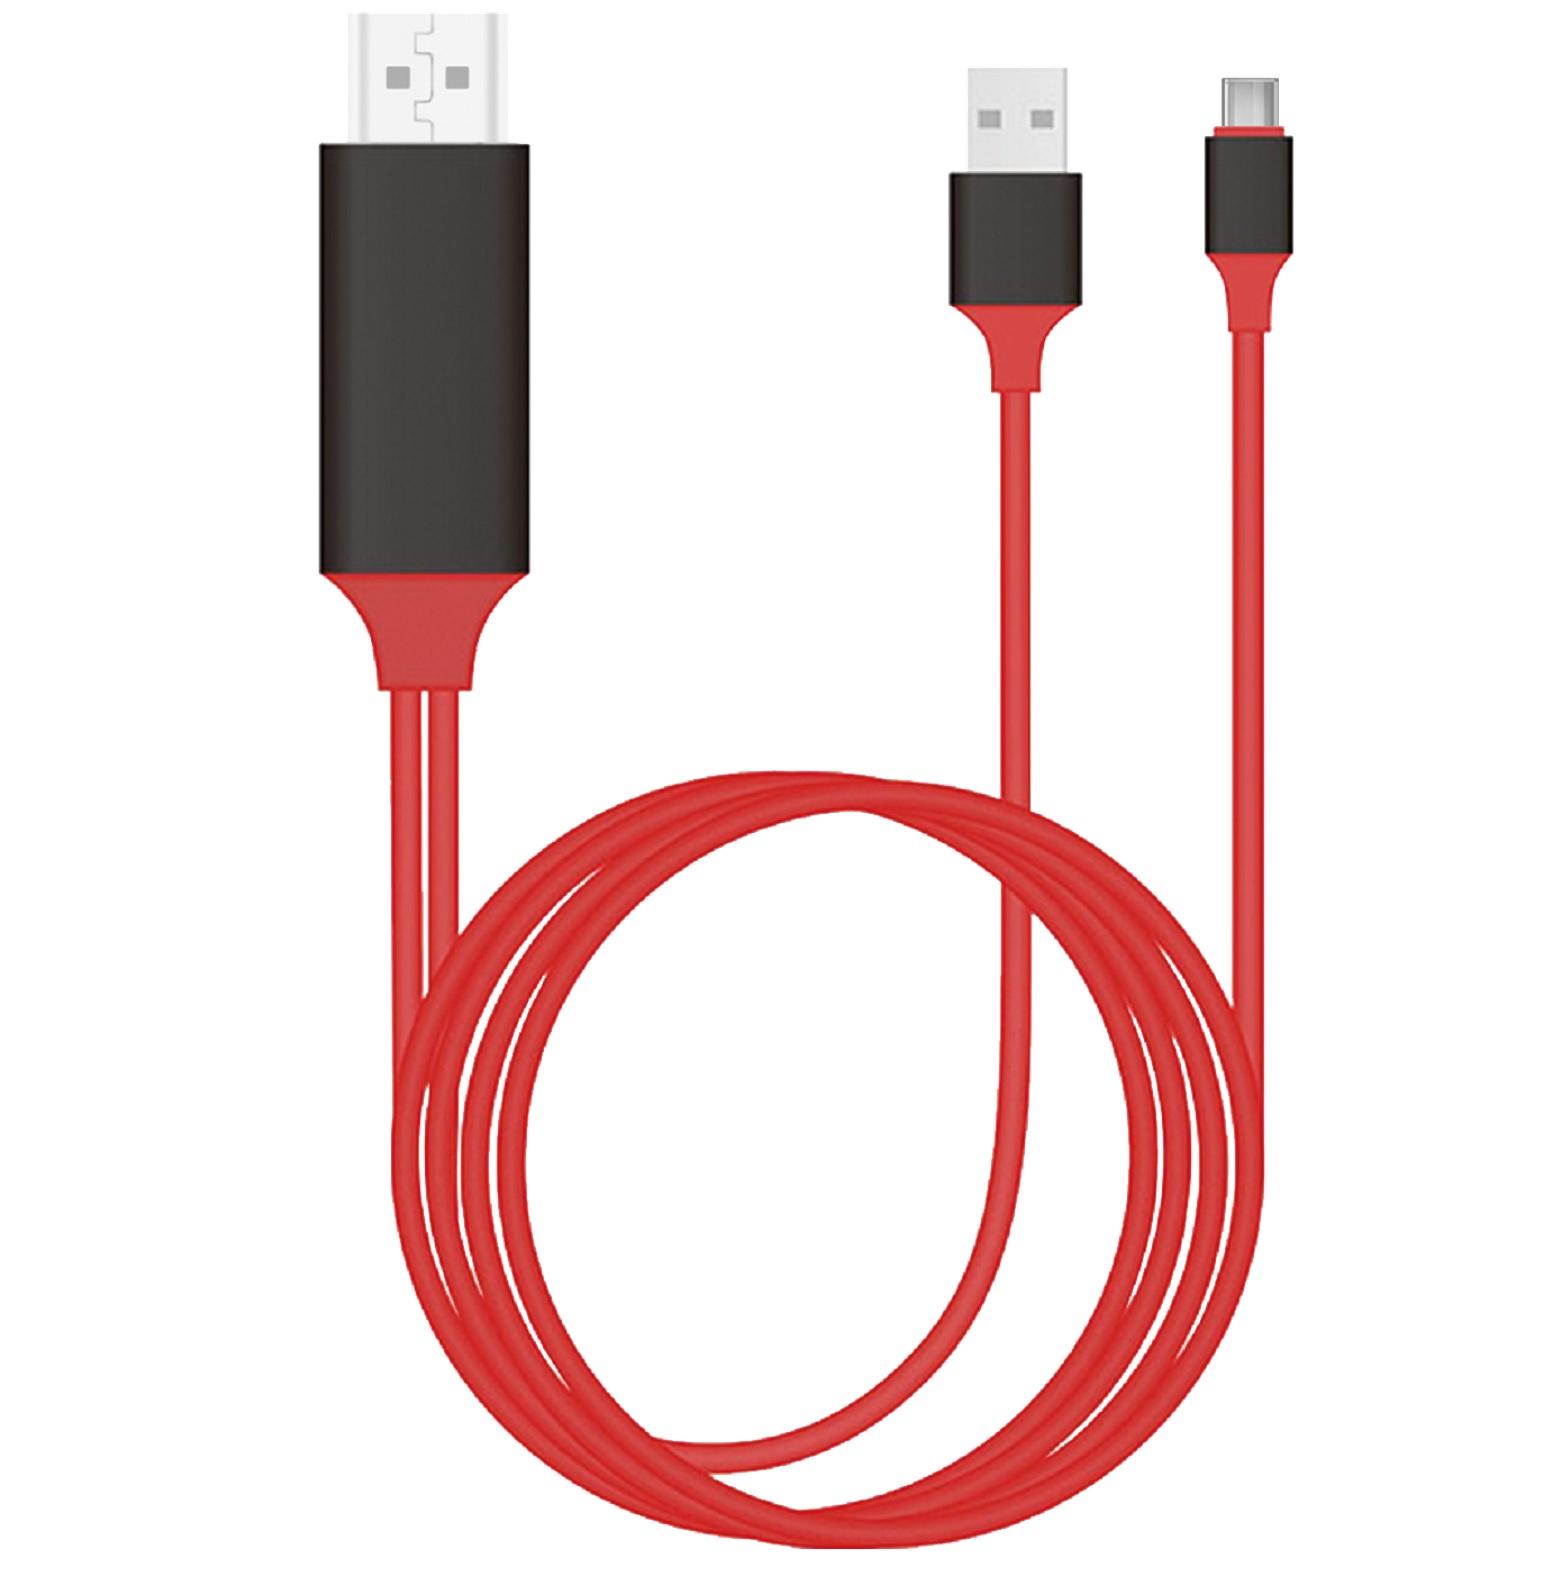 Кабель-переходник Type-C to HDMI 4K HDTV Plug & Play, 2.0 м, красный